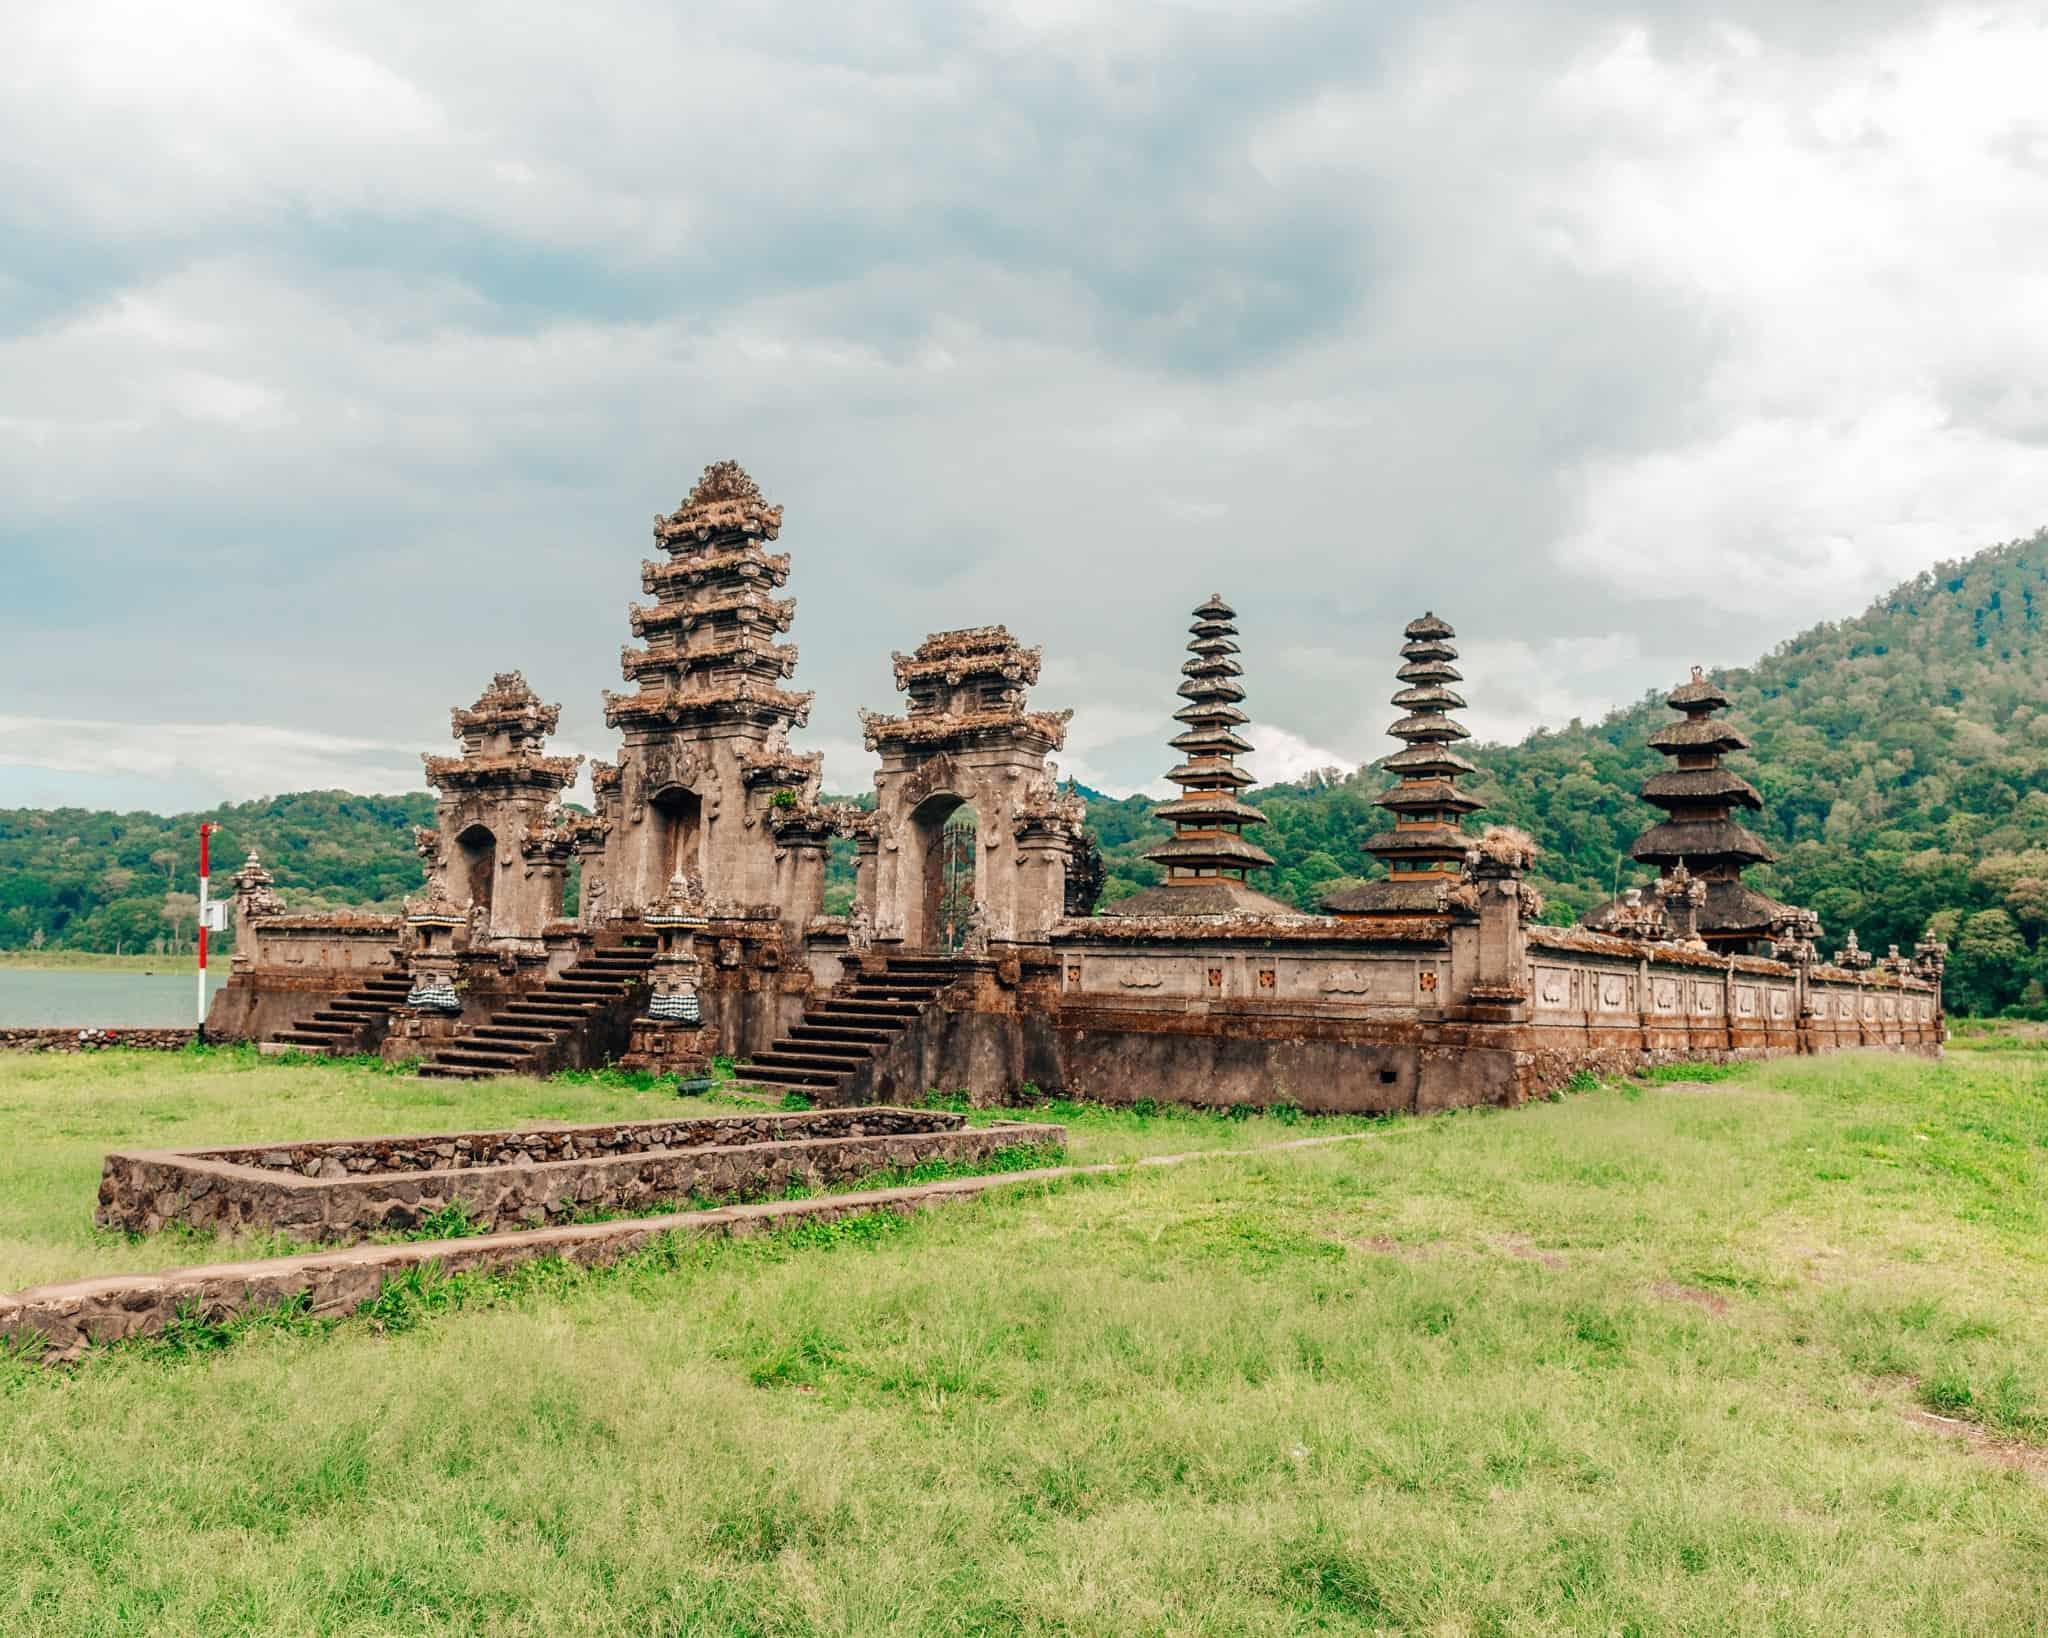 Pura Ulun Danu Tamblingan Floating Temple Bali - The Next Trip